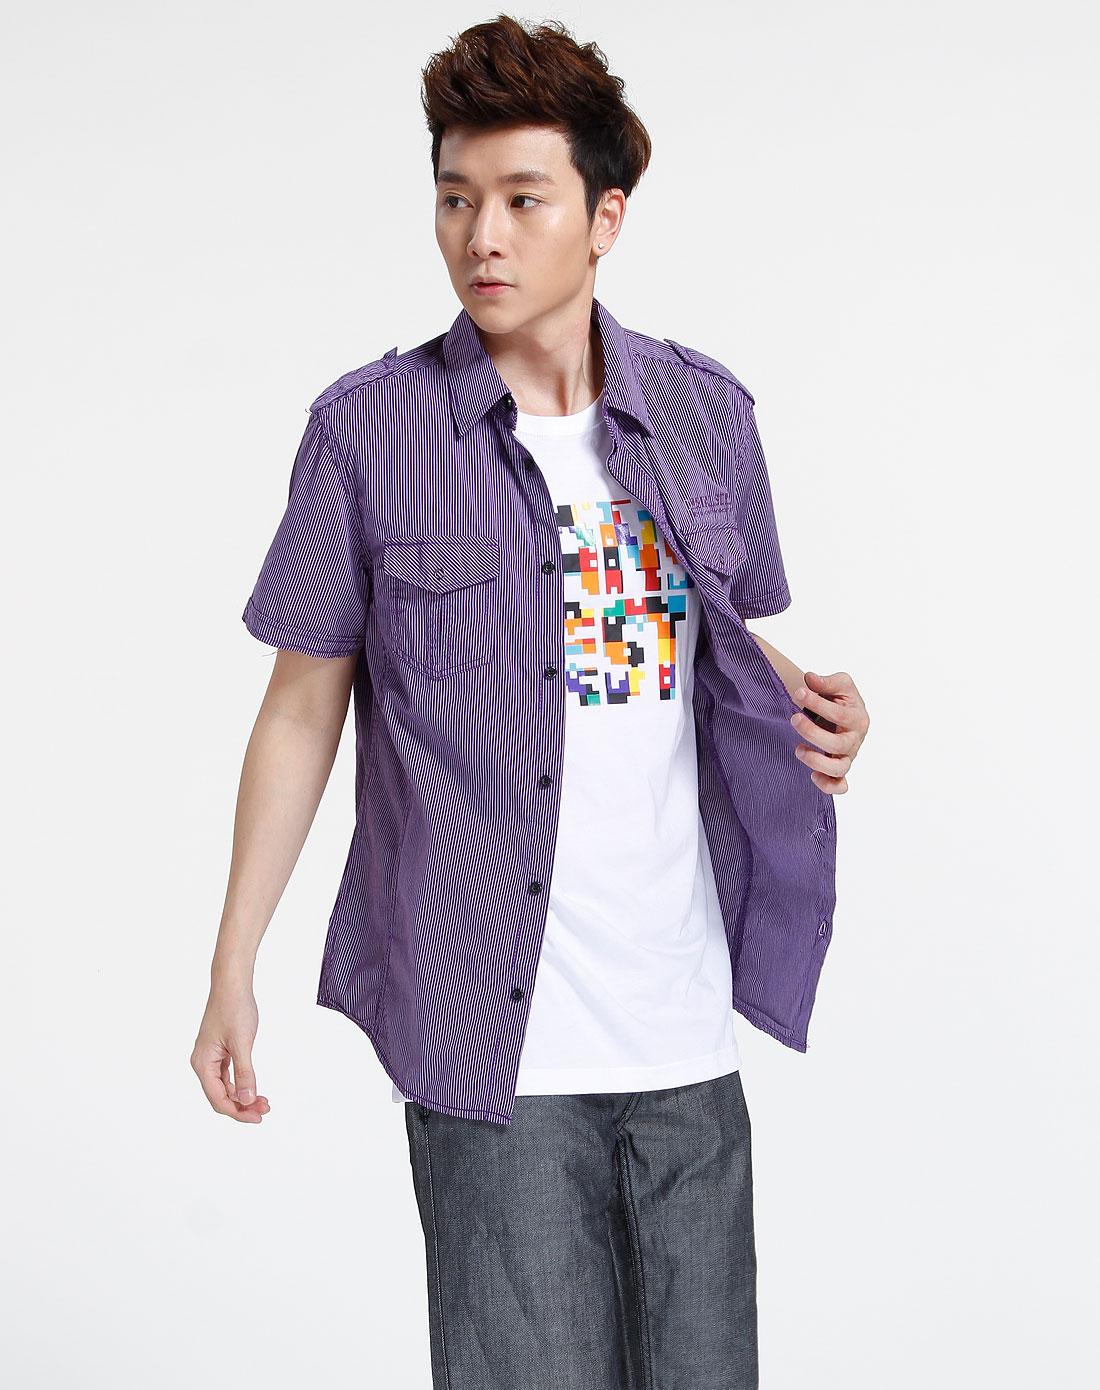 森马-男装紫色时尚条纹短袖衬衫082151526-070图片